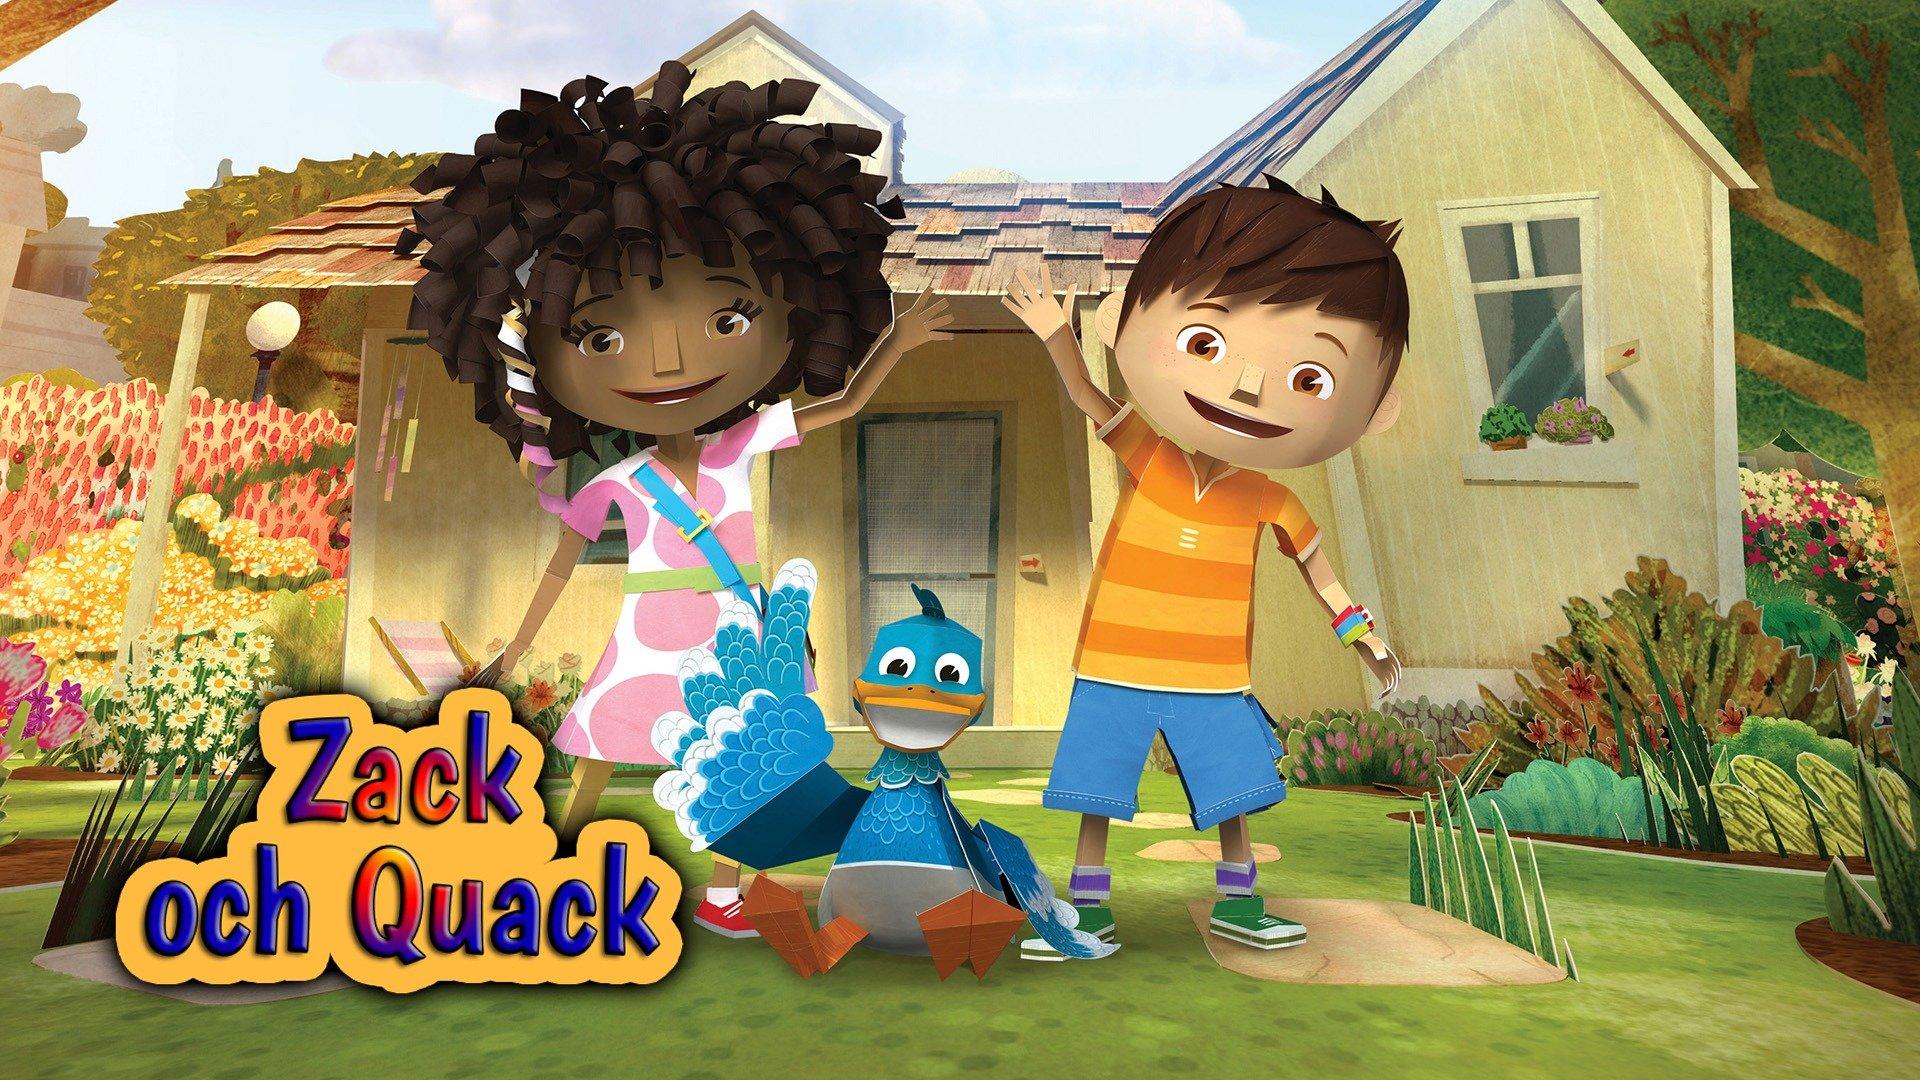 Zack och Quack